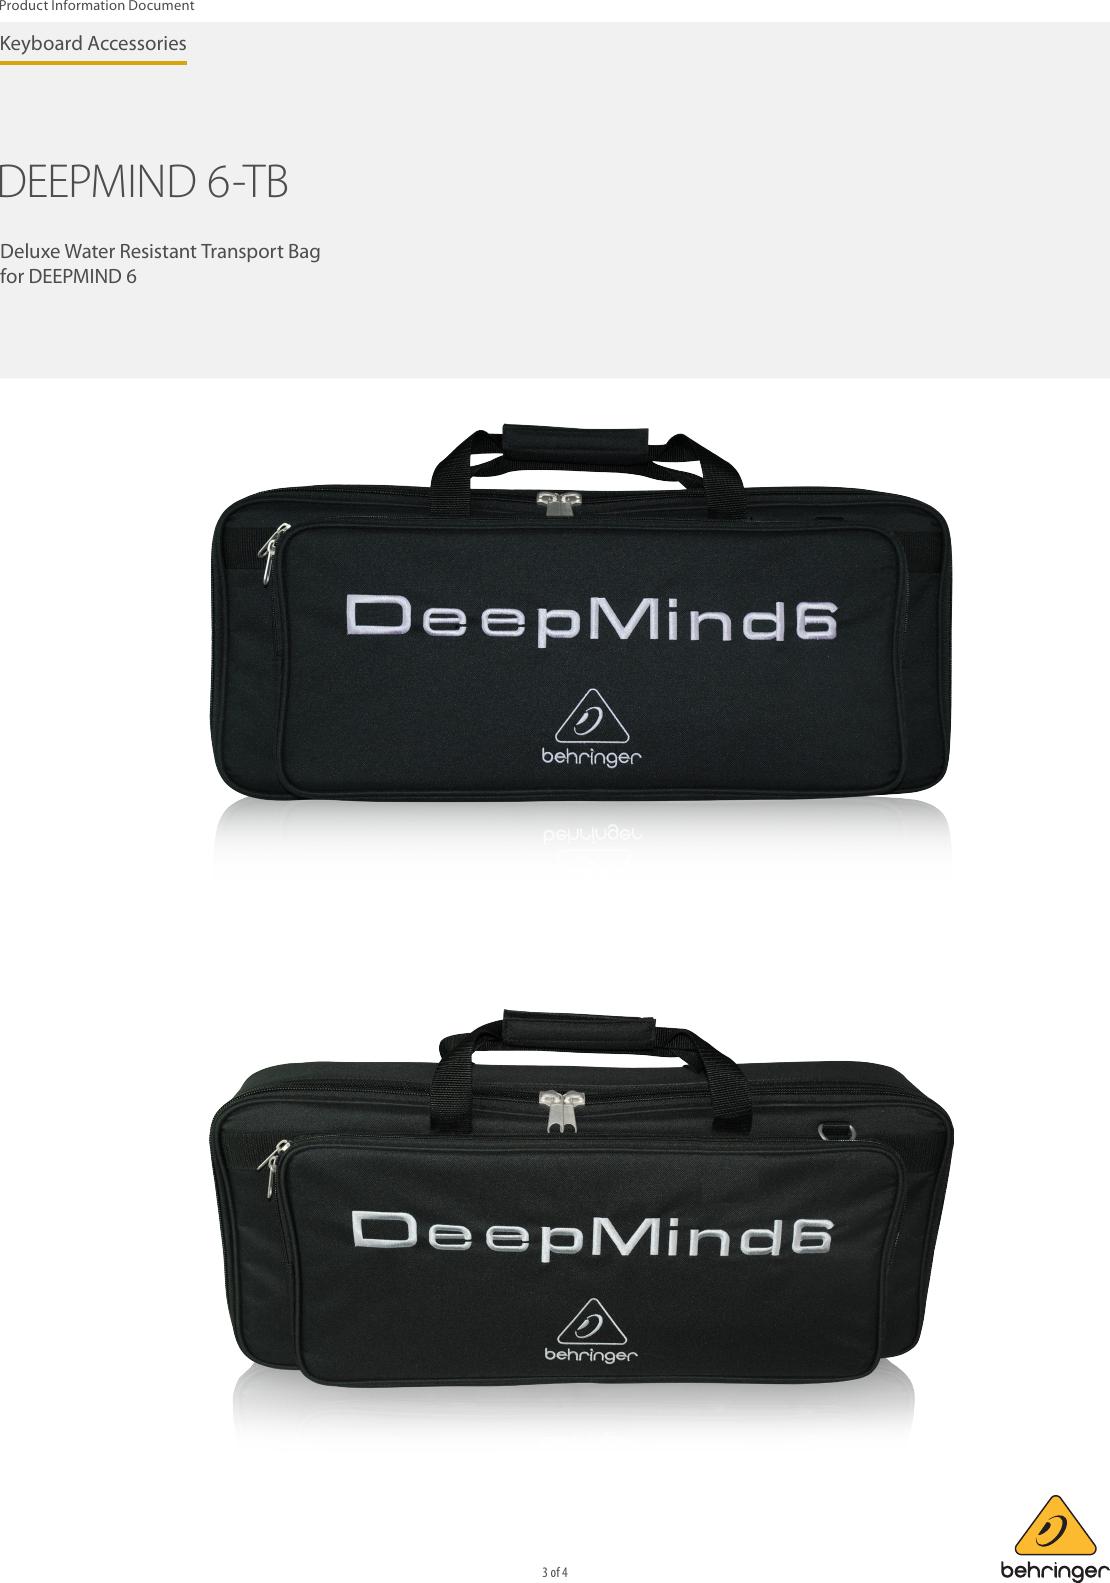 Behringer DeepMind 6 Bag